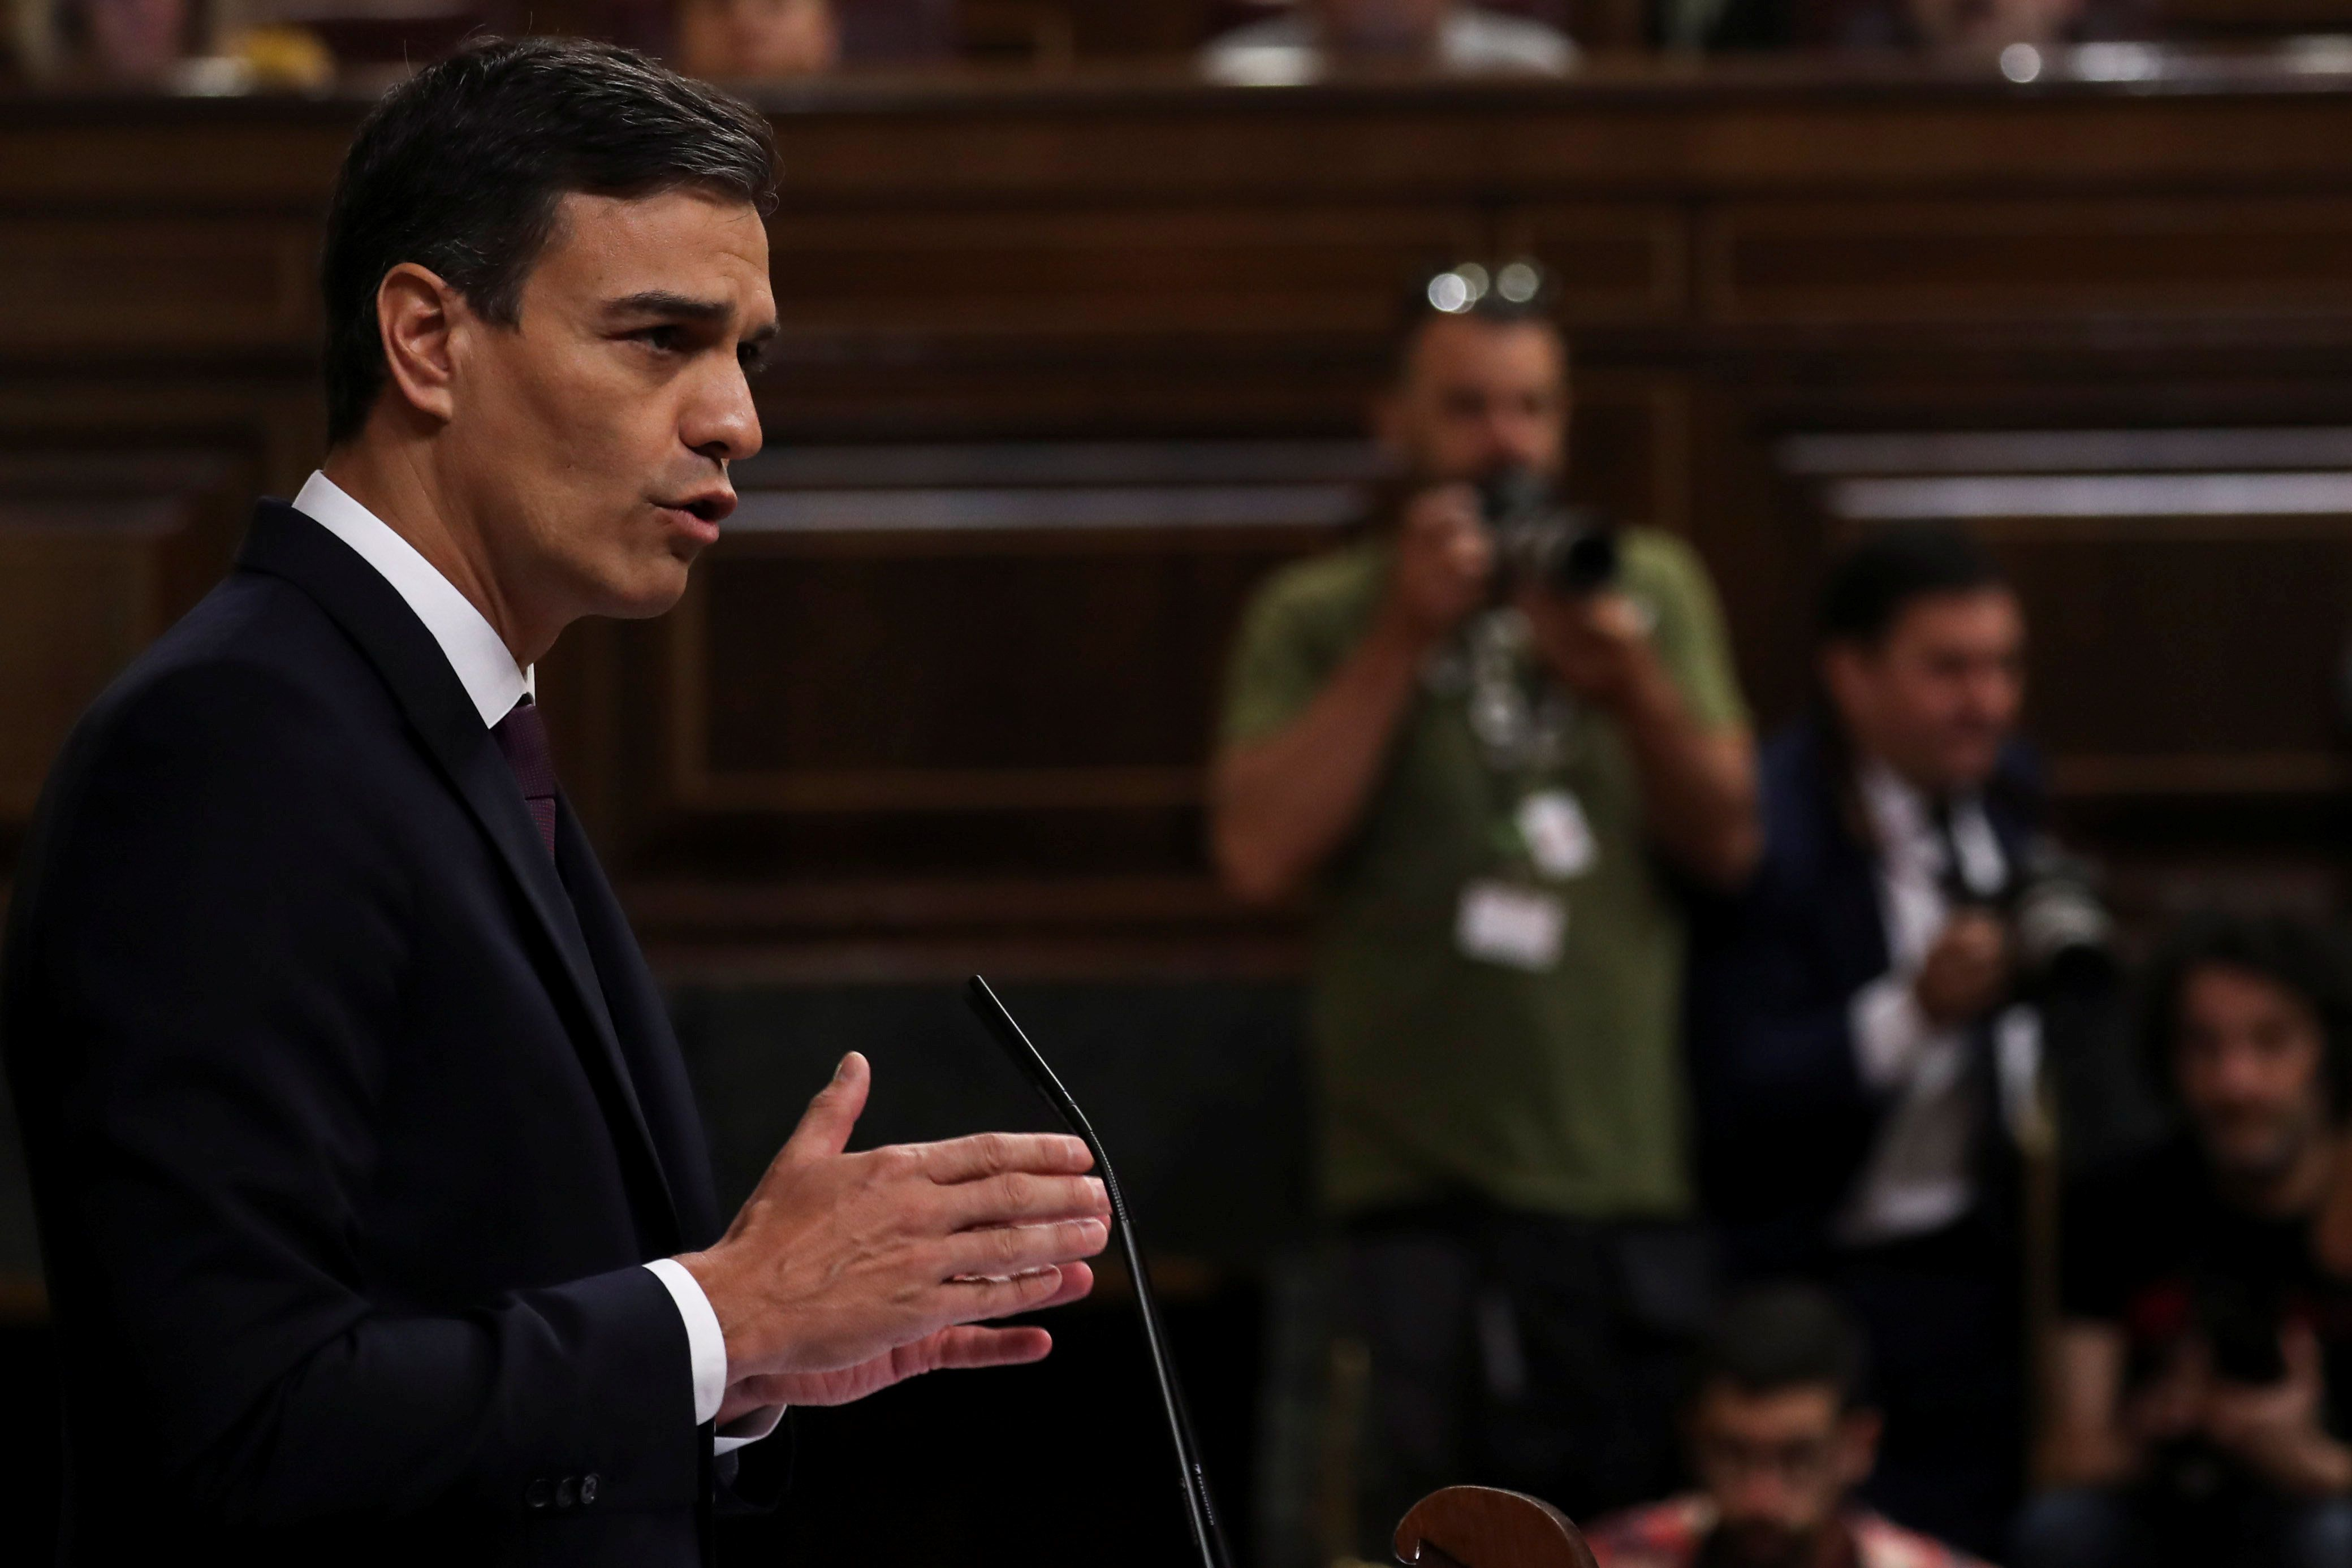 스페인 총리가 성폭행 기준 획기적으로 바꾼 새 법안 발의한다고